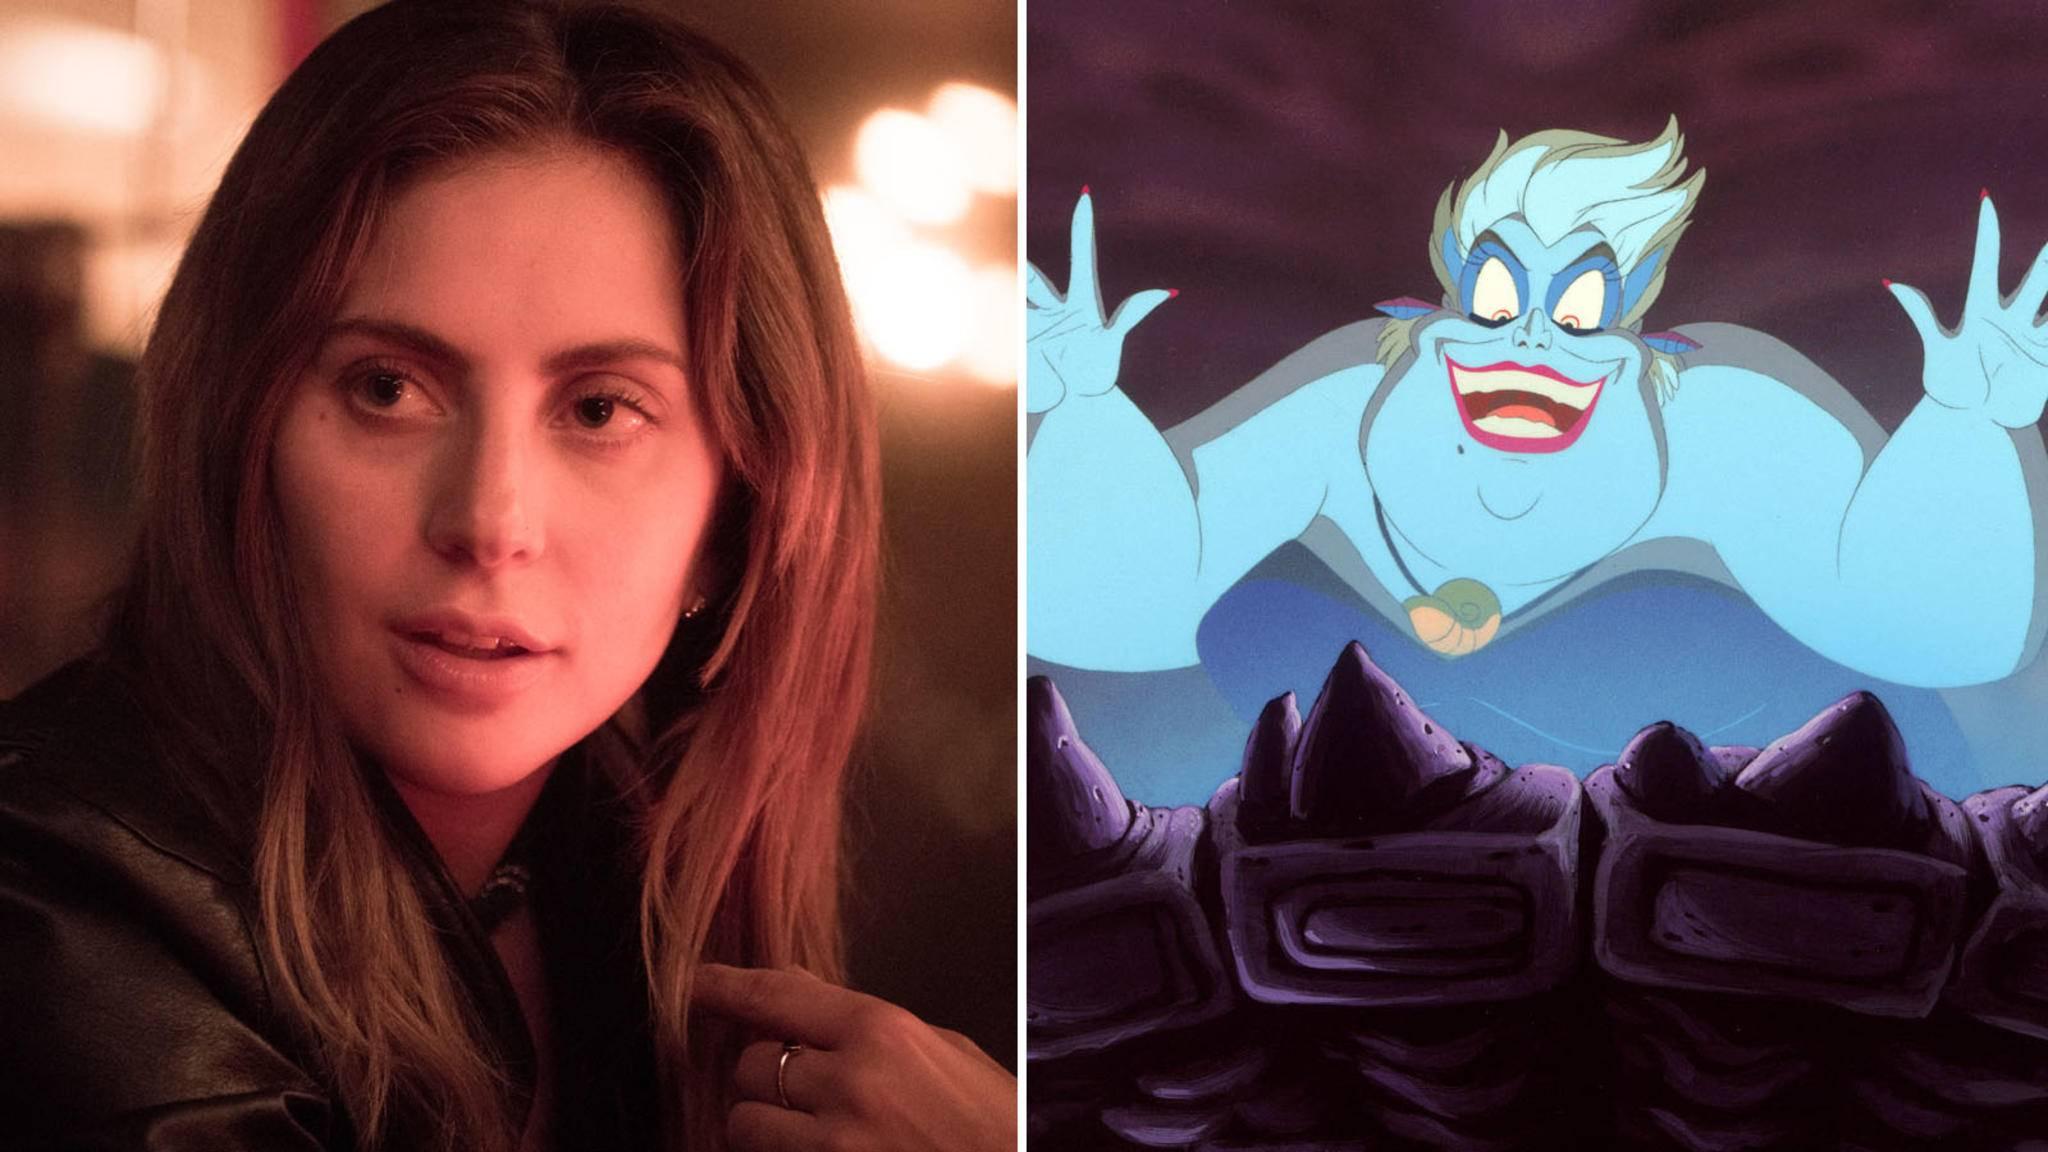 Sehen wir Lady Gaga bald als fiese Disney-Schurkin?